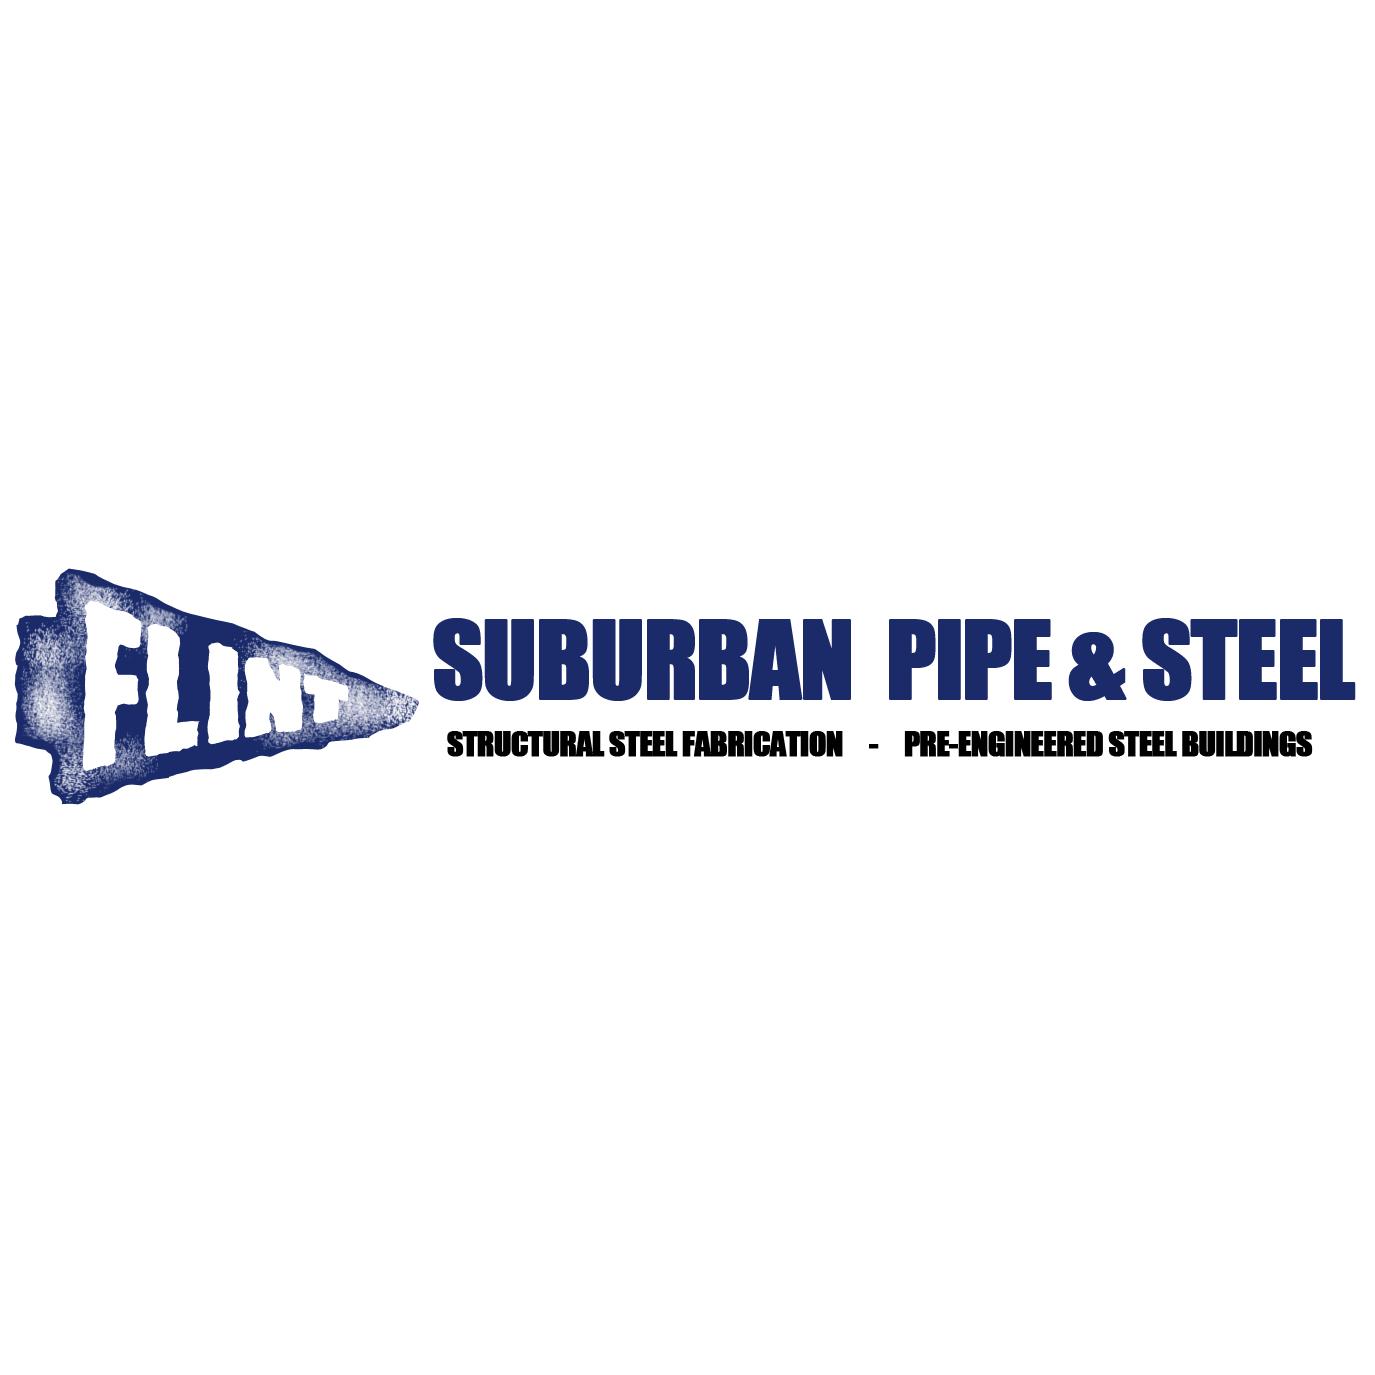 Suburban Pipe & Steel